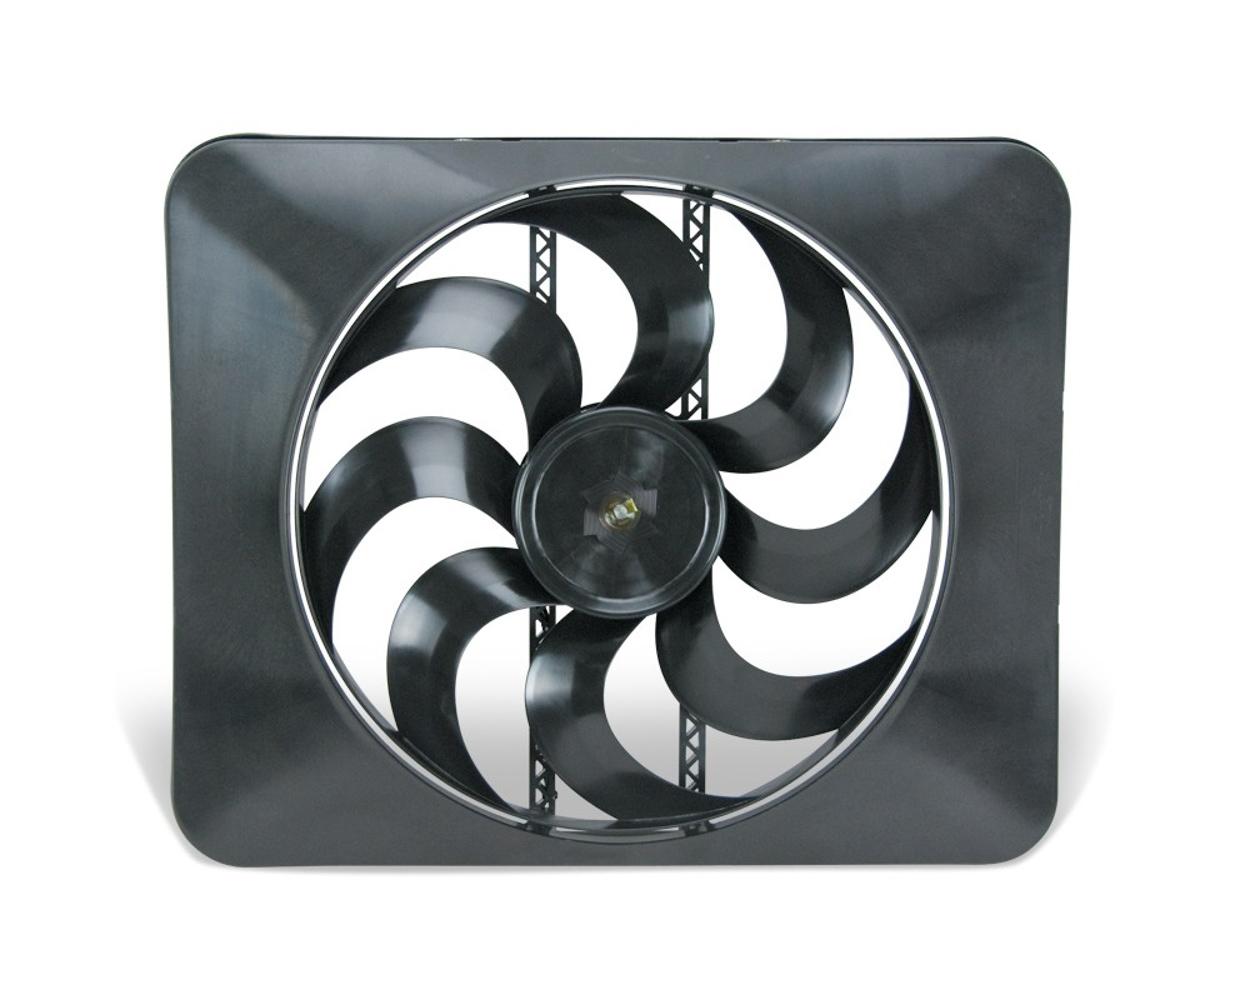 Flex-A-Lite 104349 Electric Cooling Fan, Direct Fit Black Magic Xtreme, 15 in Fan, Puller, 3300 CFM, 12V, Curved Blade, Plastic -Dodge Fullsize Truck 2003-09, Kit